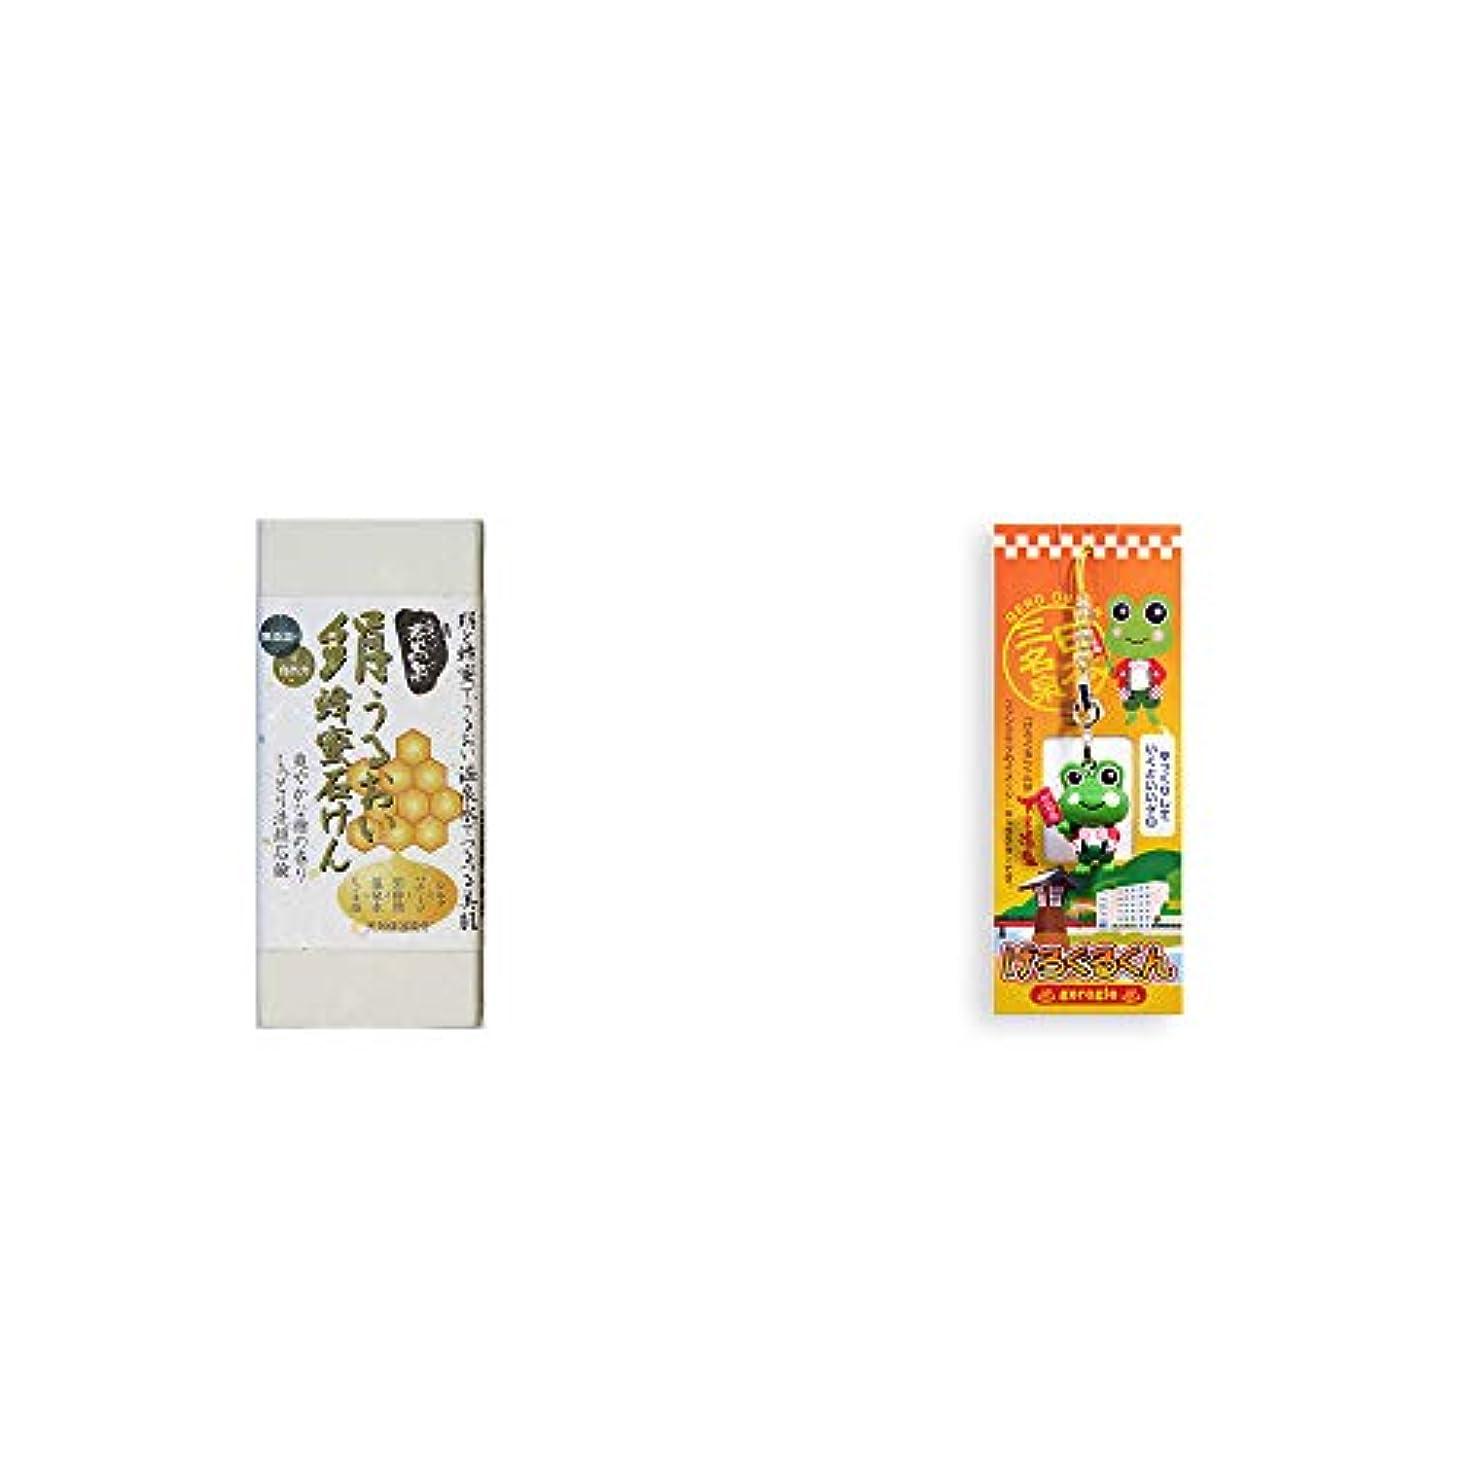 側ベット風刺[2点セット] ひのき炭黒泉 絹うるおい蜂蜜石けん(75g×2)?下呂温泉ファンクラブのイメージキャラクター げろぐるくんストラップ